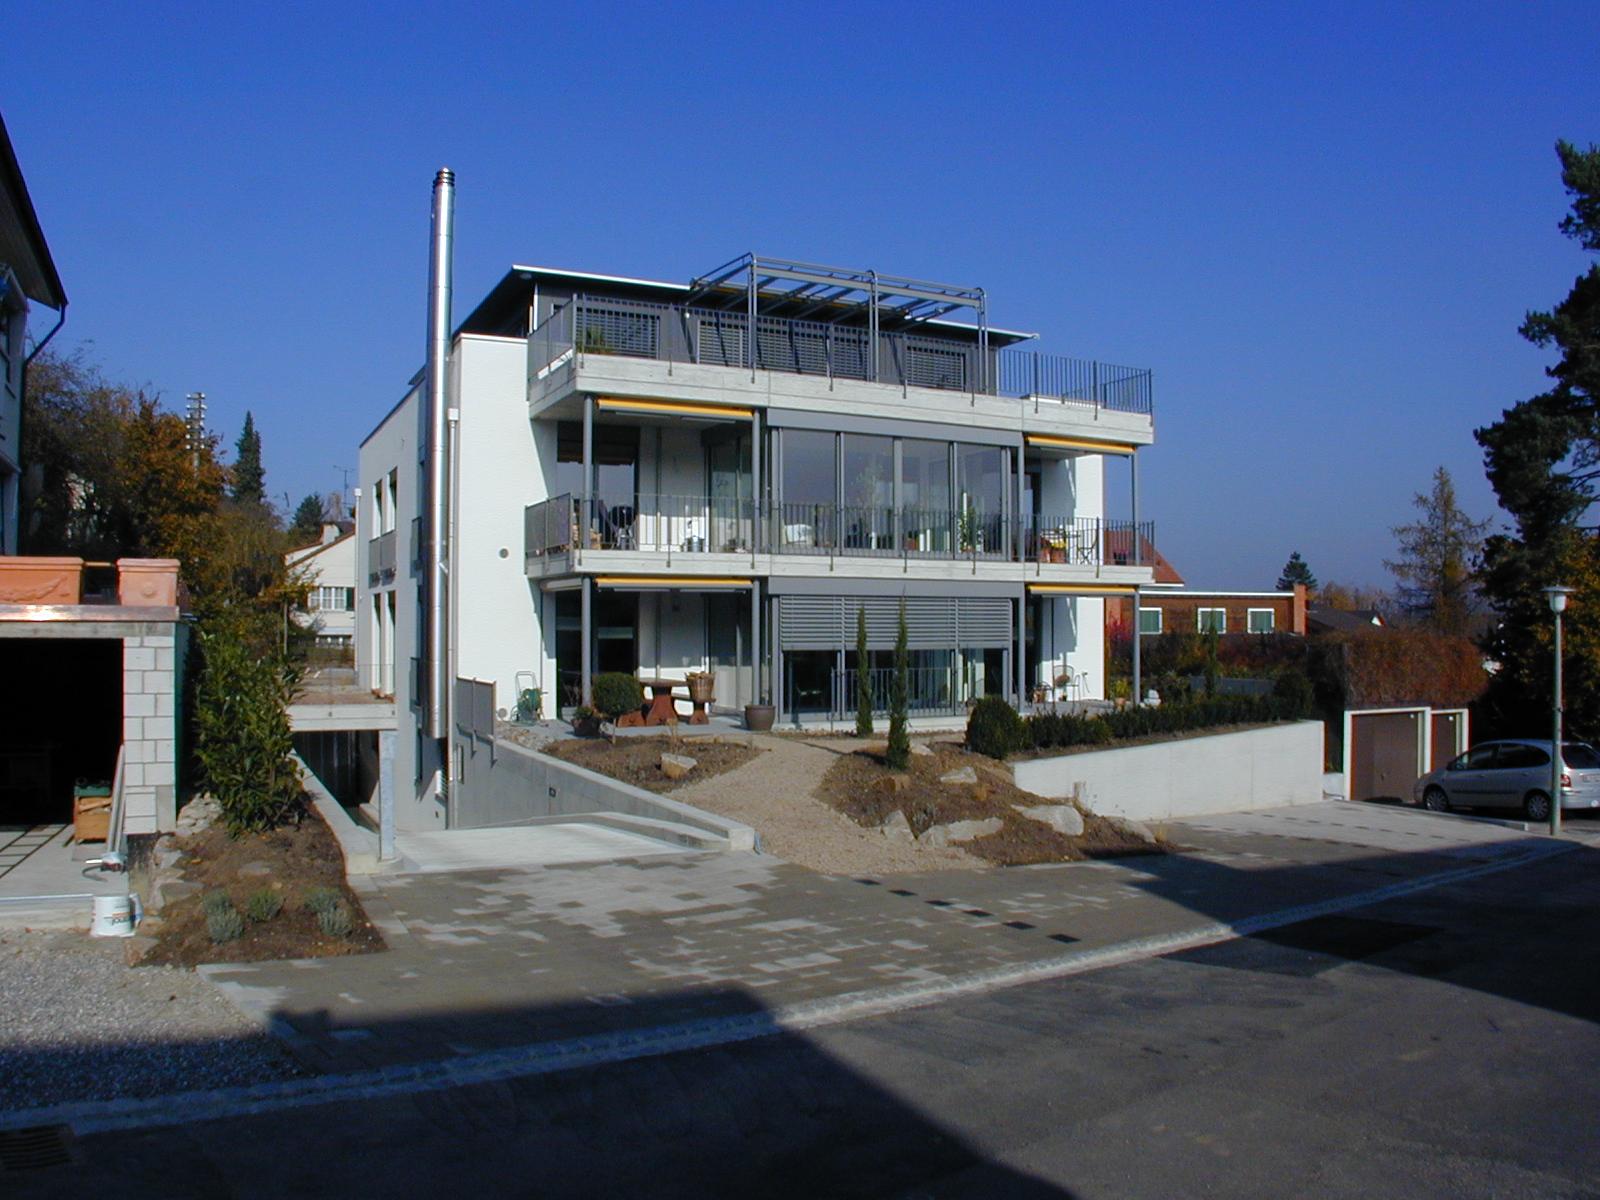 Dreiparteienhaus in Oberwil / BL (verkauft)